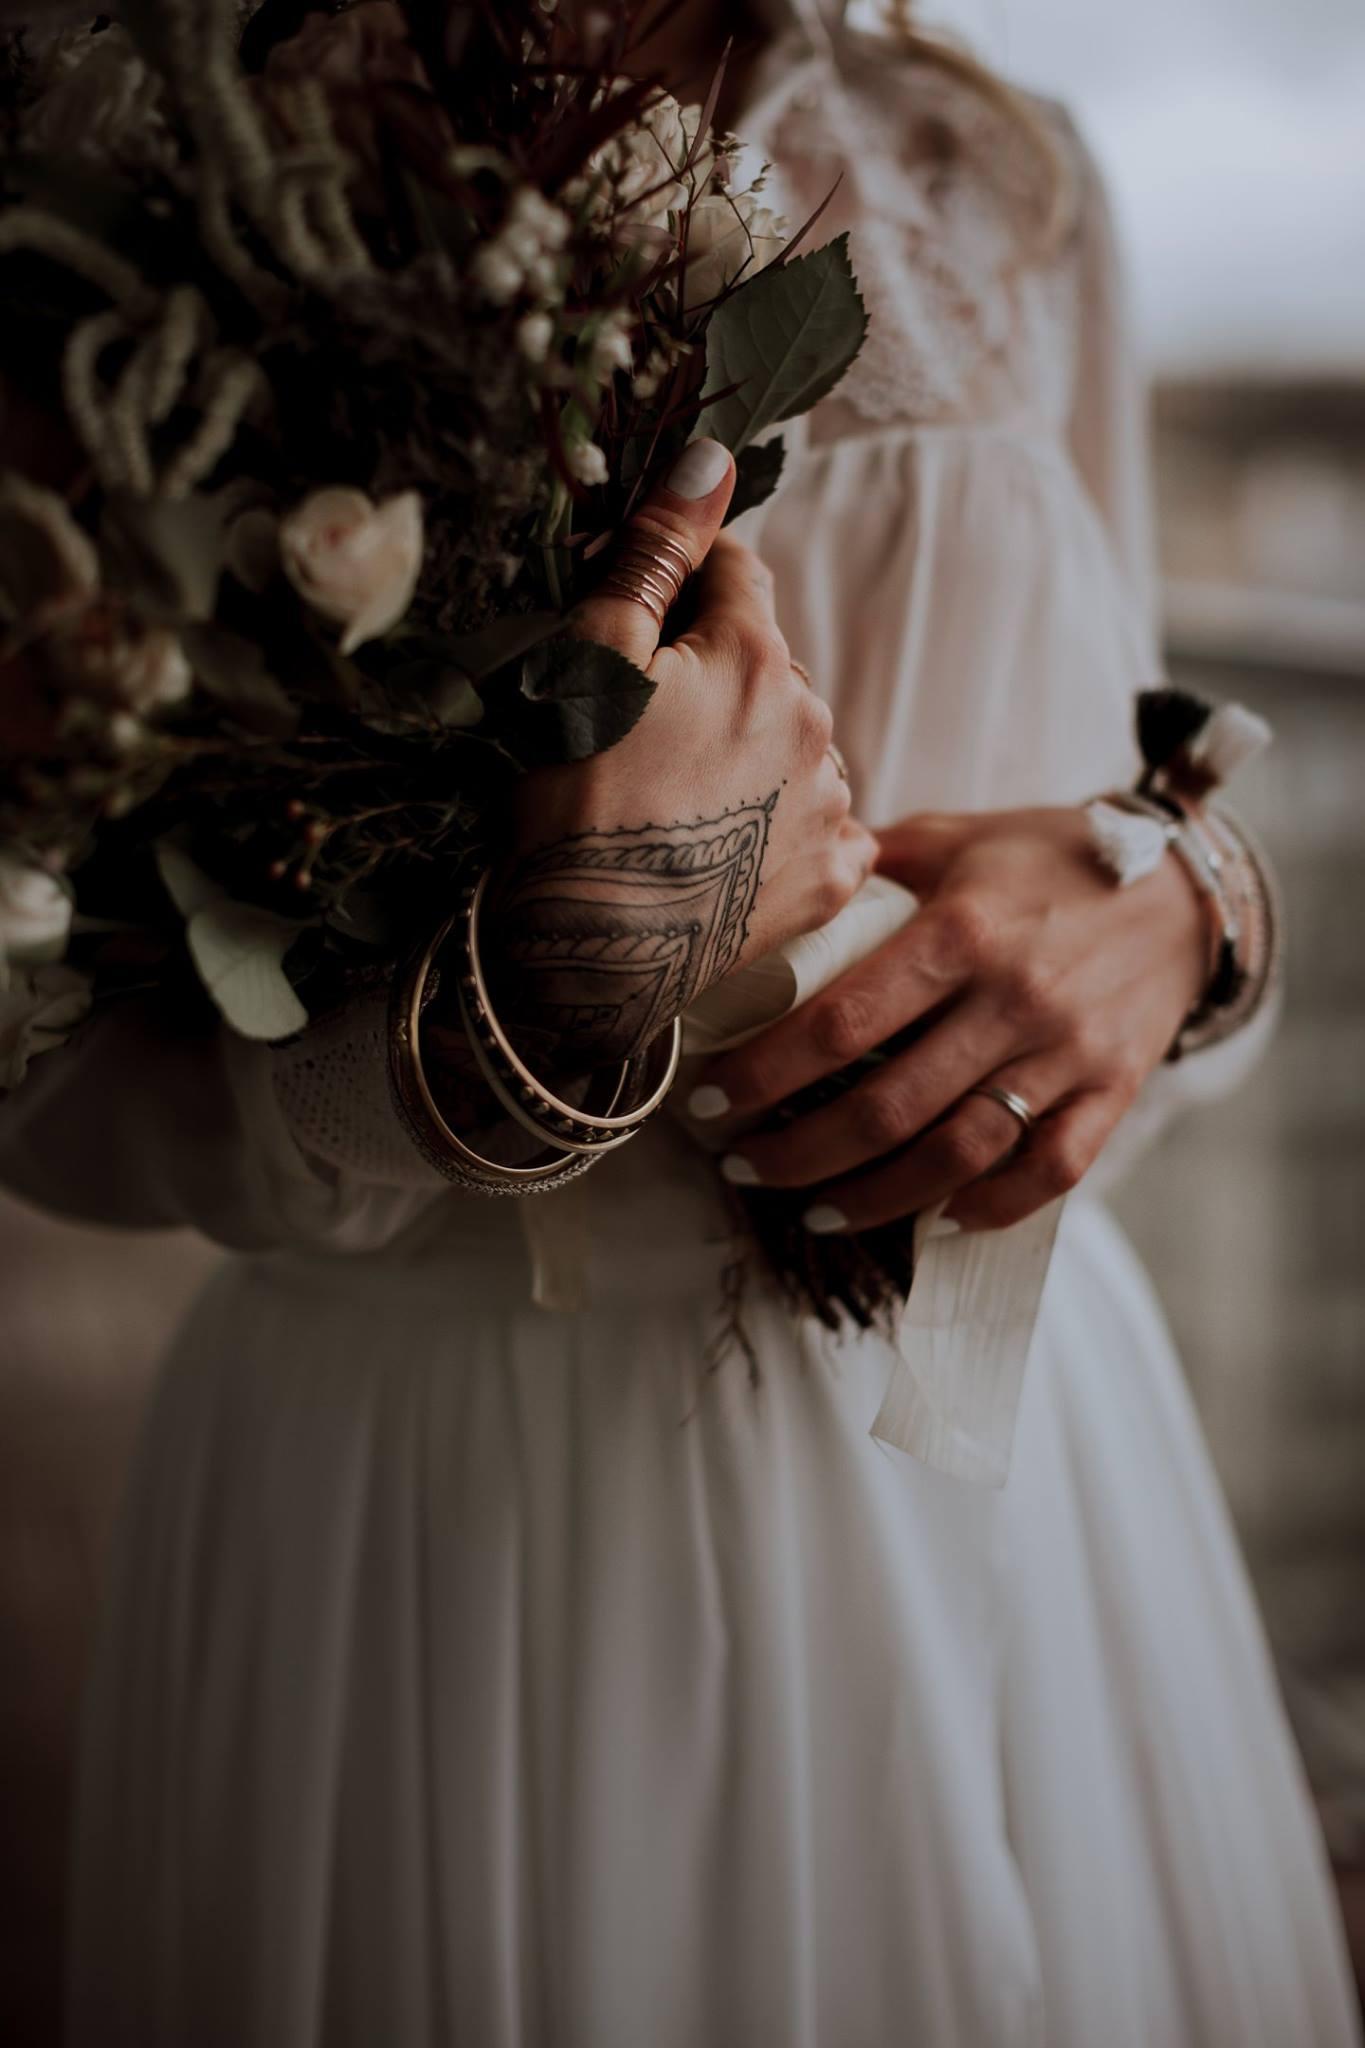 mariage atypique et mariage folk avec une robe de mariée moderne. Empreinte éphémère wedding planner Provence paris normandie